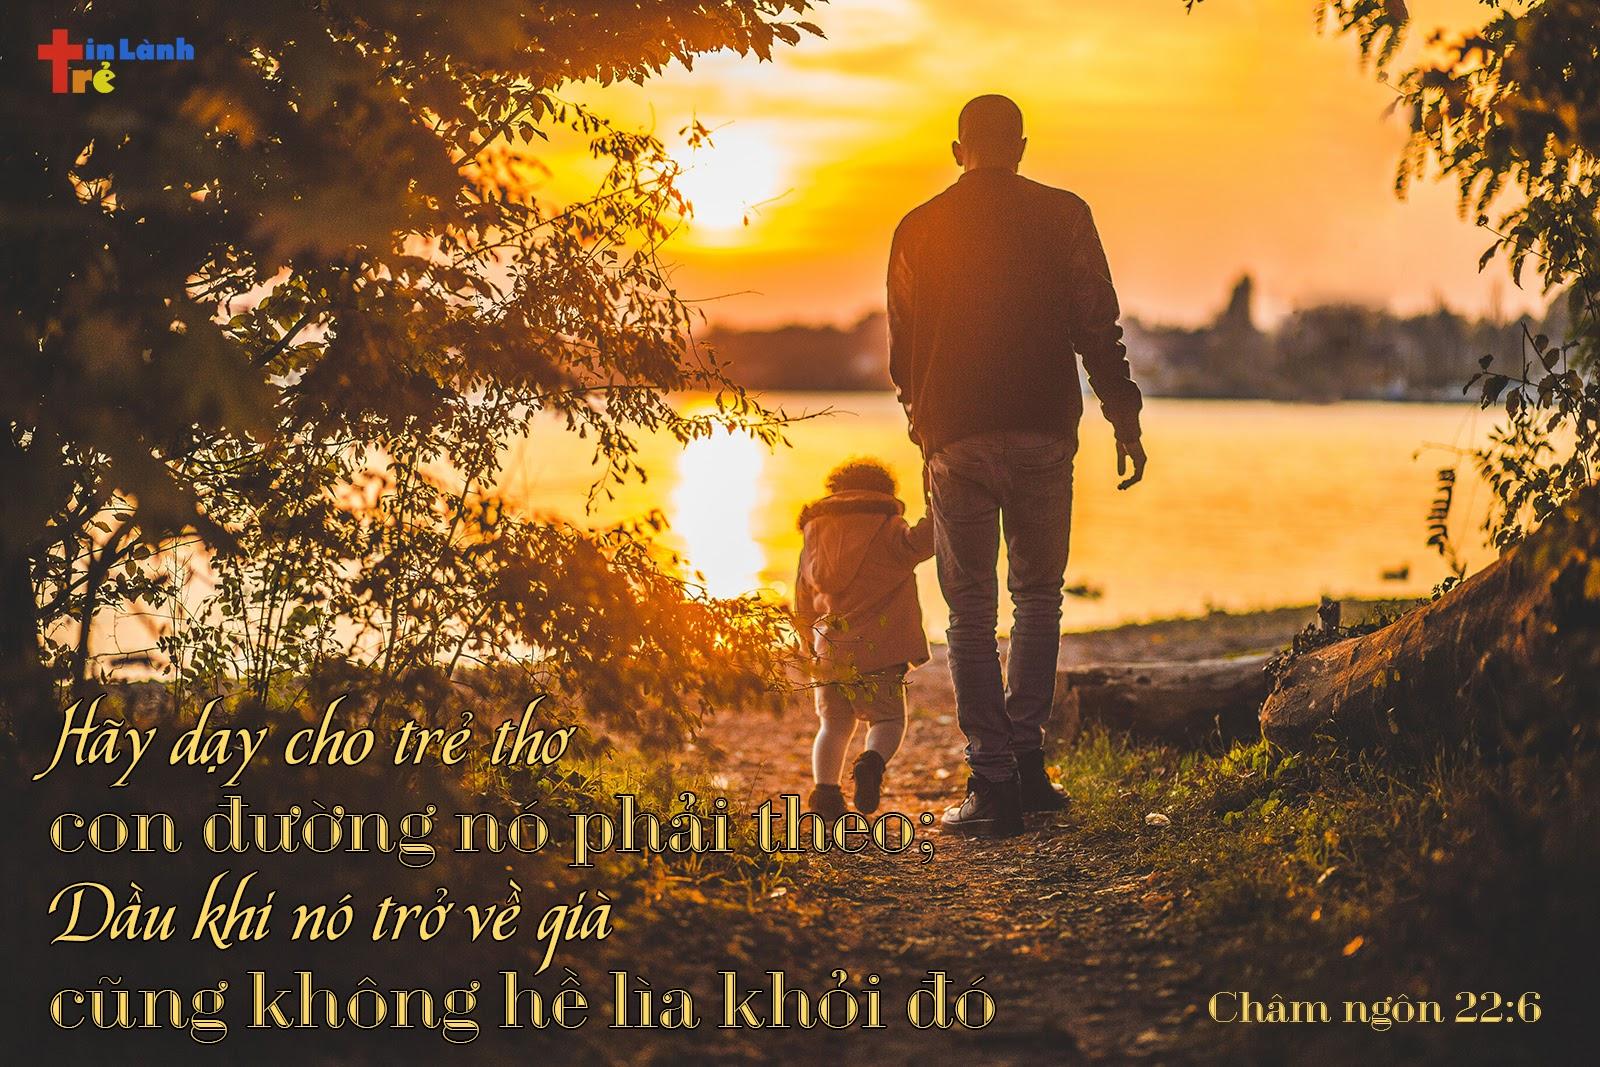 """""""Hãy dạy cho trẻ thơ con đường nó phải theo; Dầu khi nó trở về già, cũng không hề lìa khỏi đó."""" - Châm ngôn 22:6"""